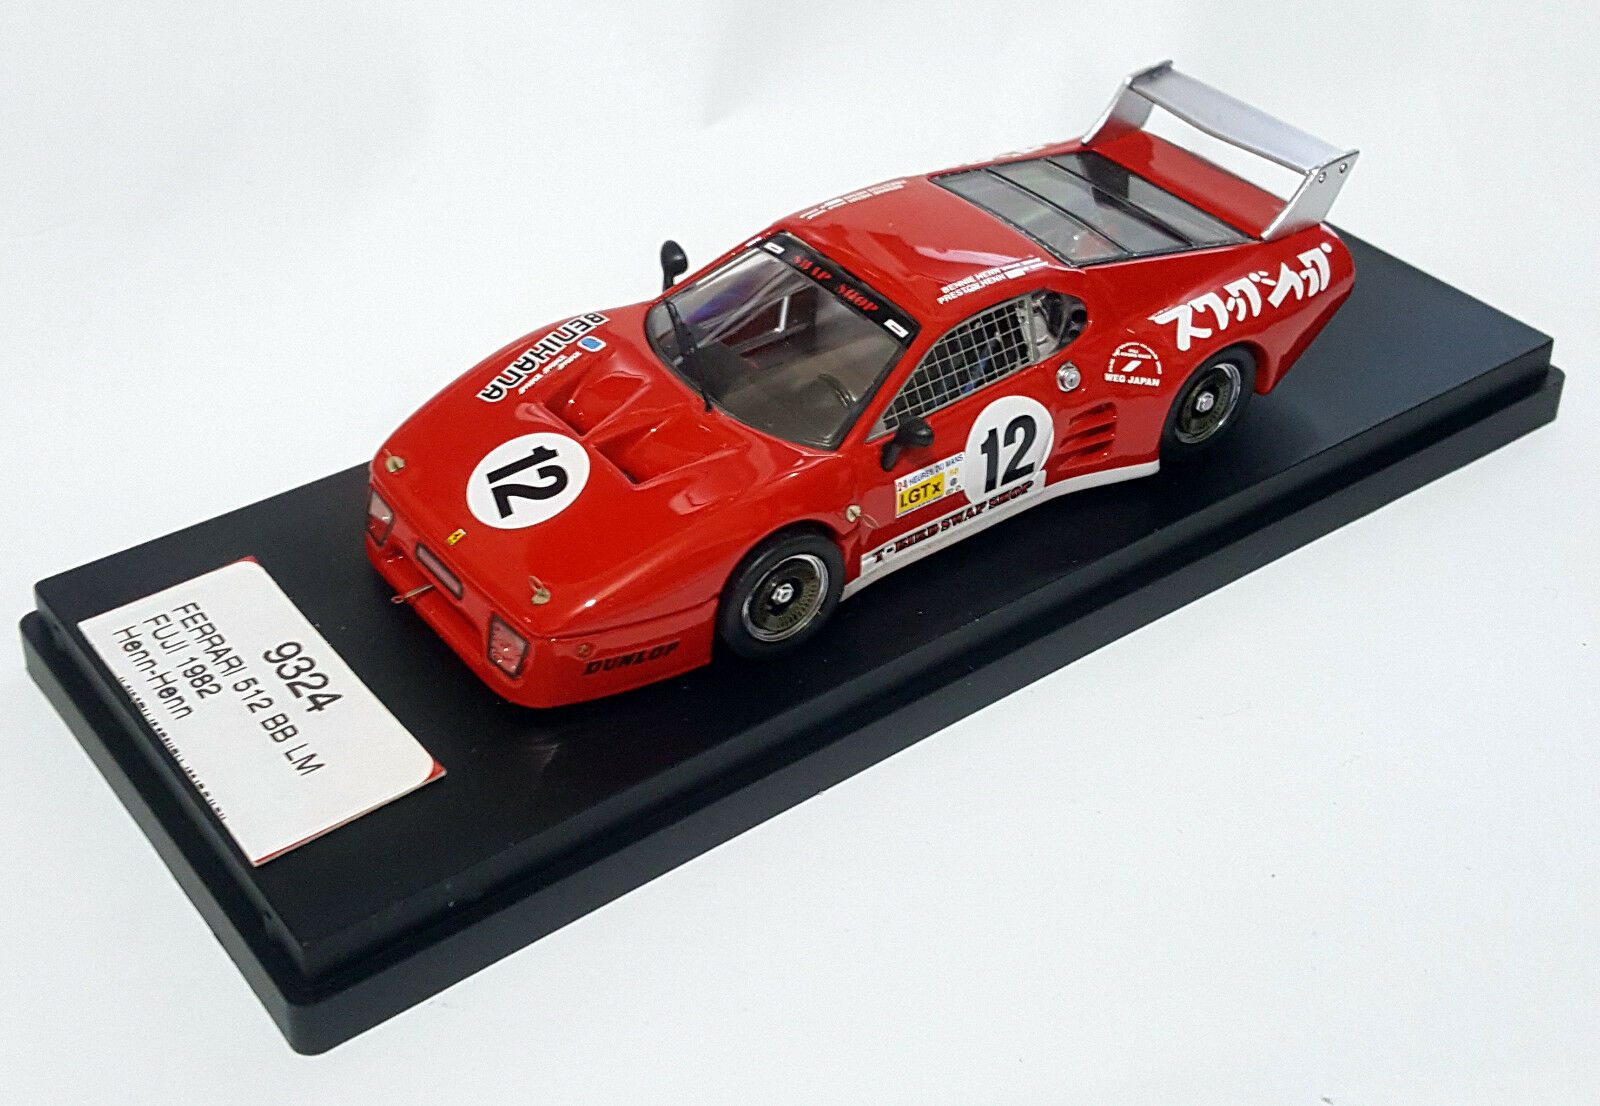 Ferrari 512 BB   12 Fuji 1982 1 43 Henn-Henn Best Model bt9324  wholesape pas cher